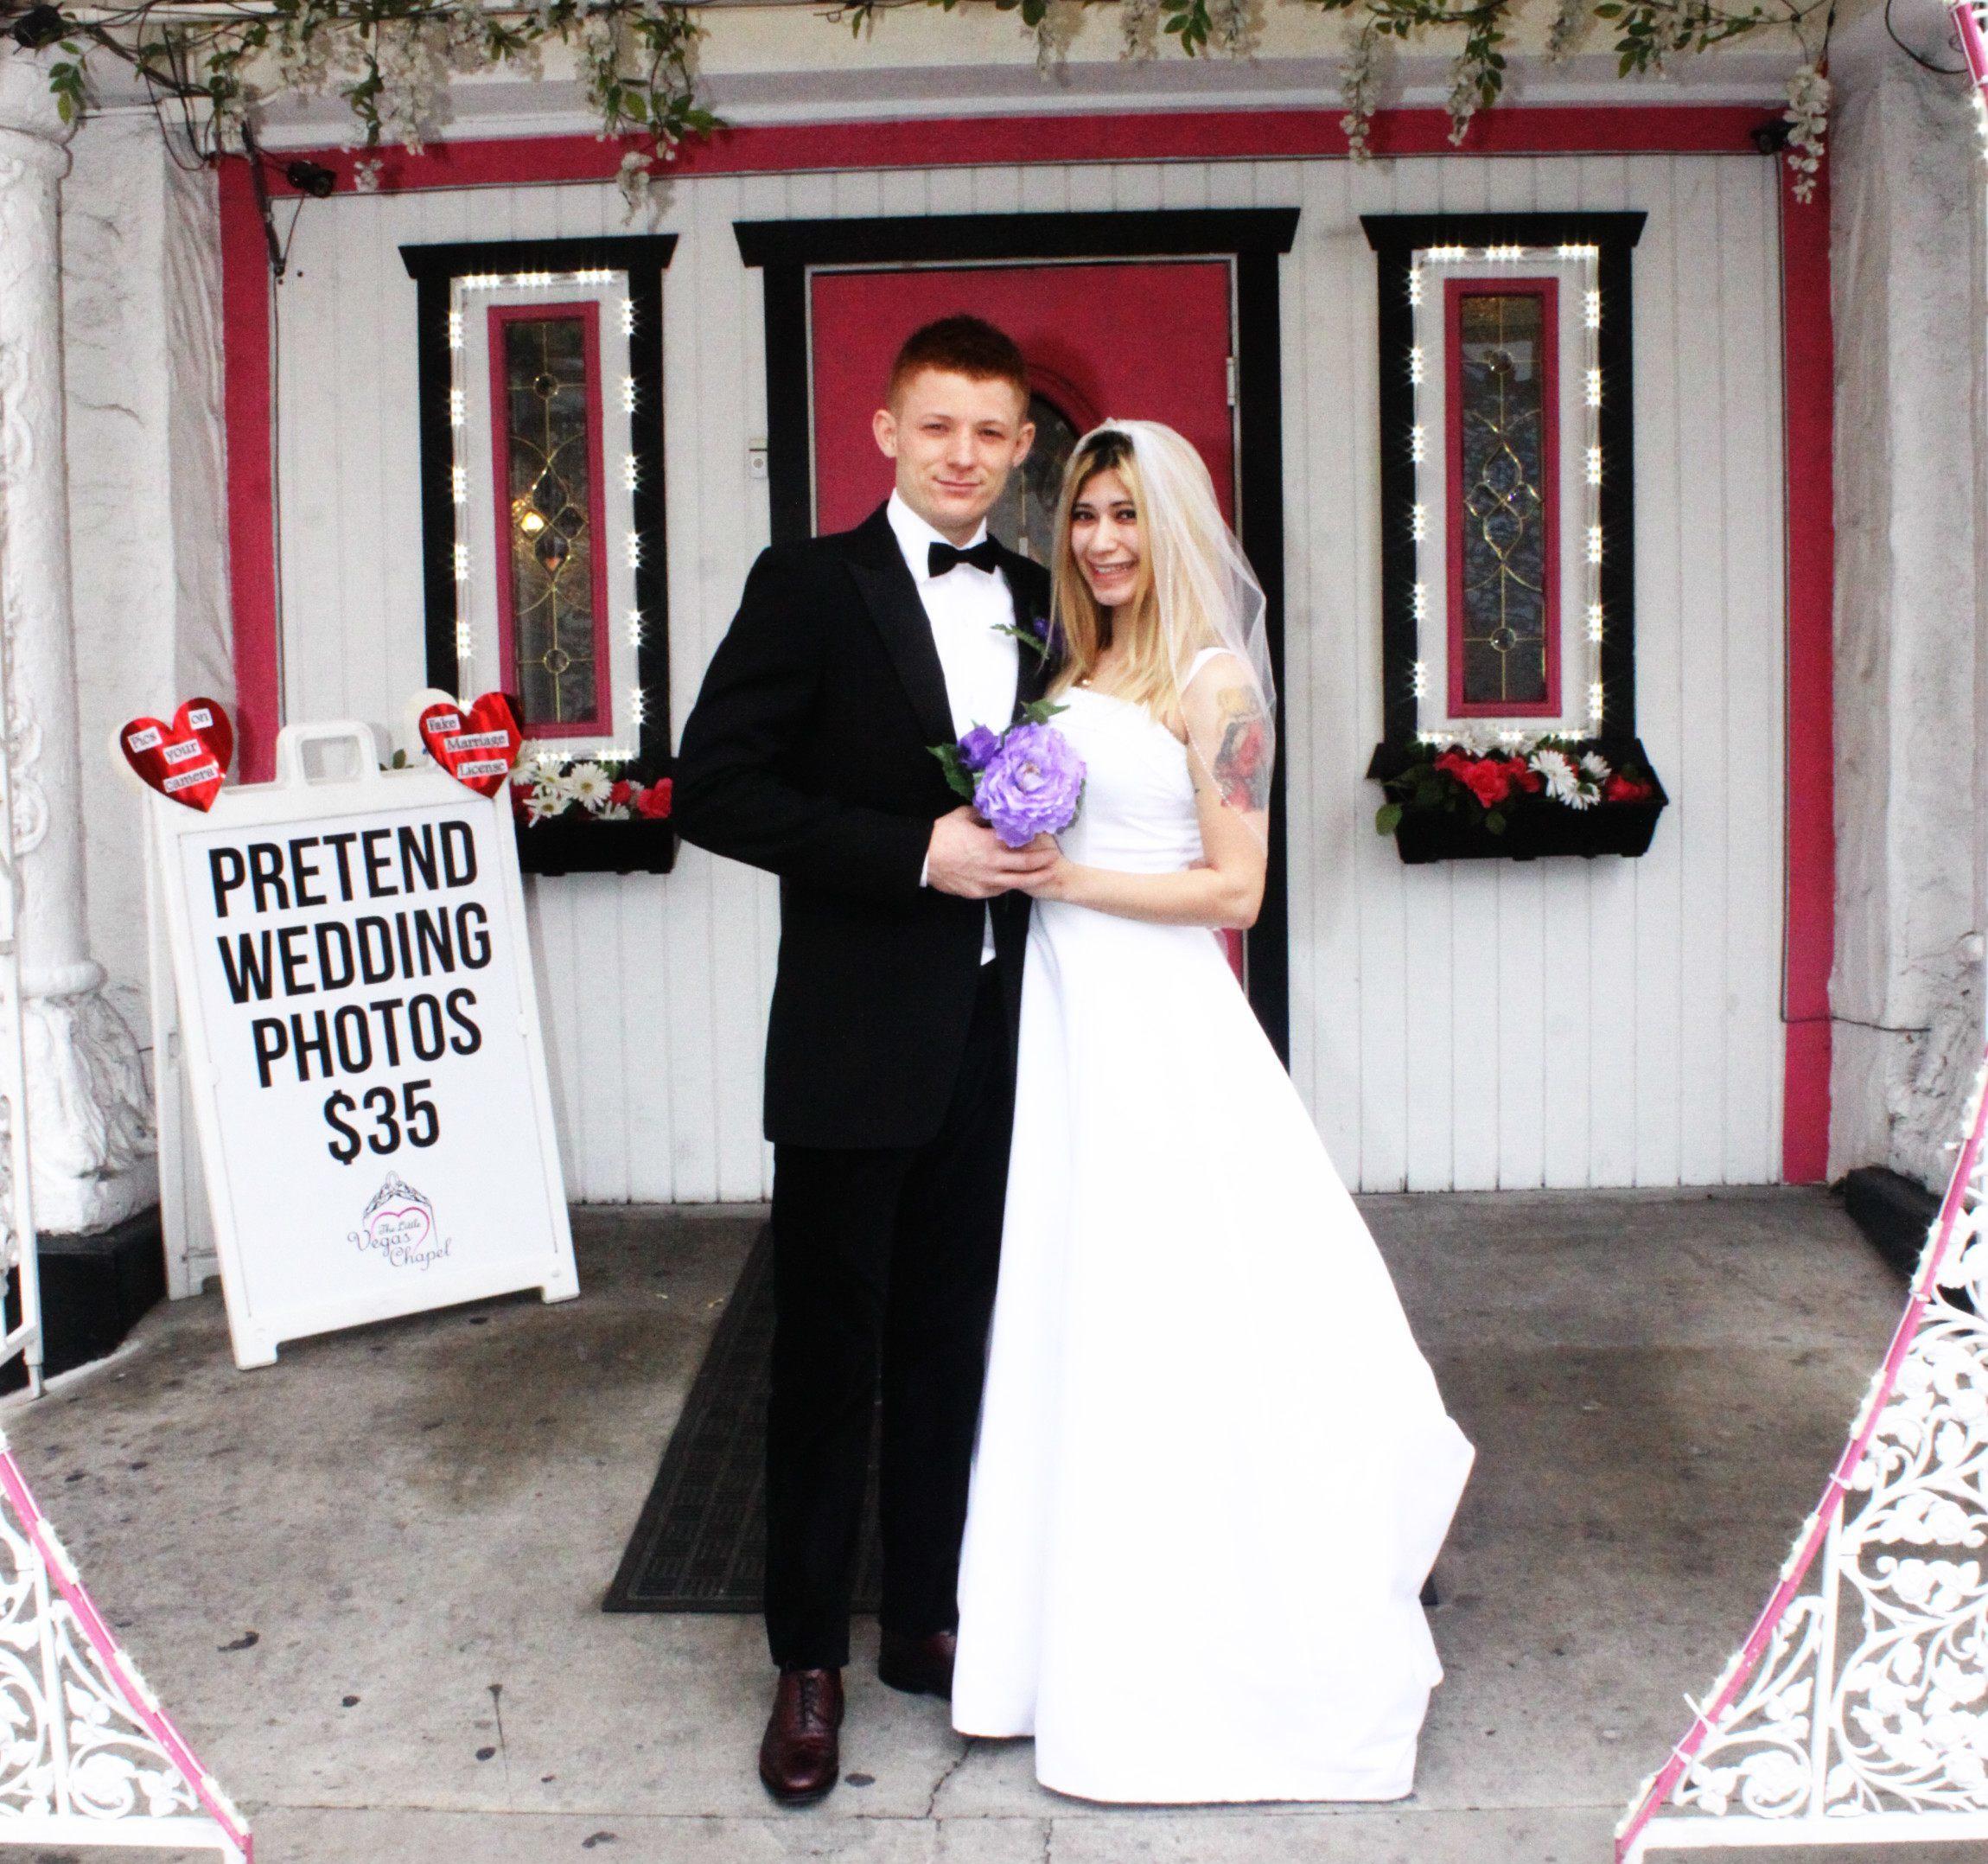 Bride and grrom pose for pretend wedding photos